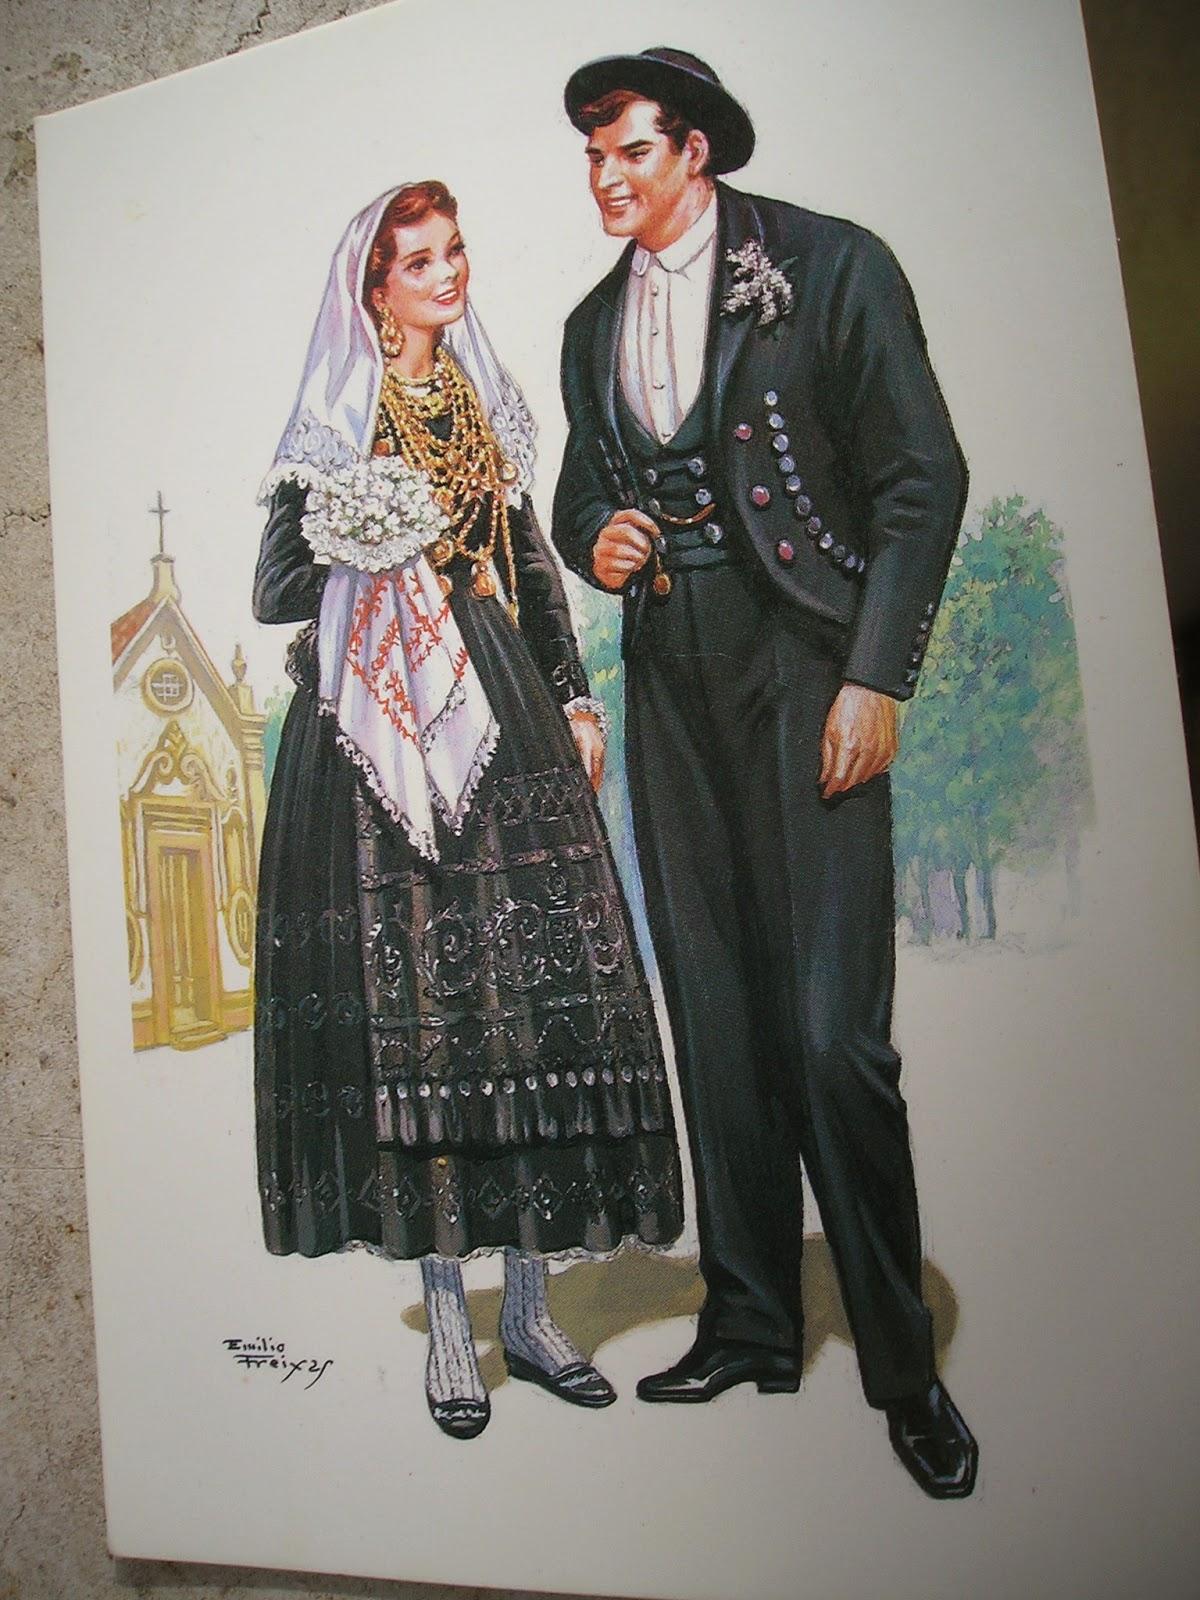 Le costume traditionnel de la mariée est particulièrement somptueux. Jupe et tablier brodés, petite pochette recouverte de pierreries, corsage aussi brodé,